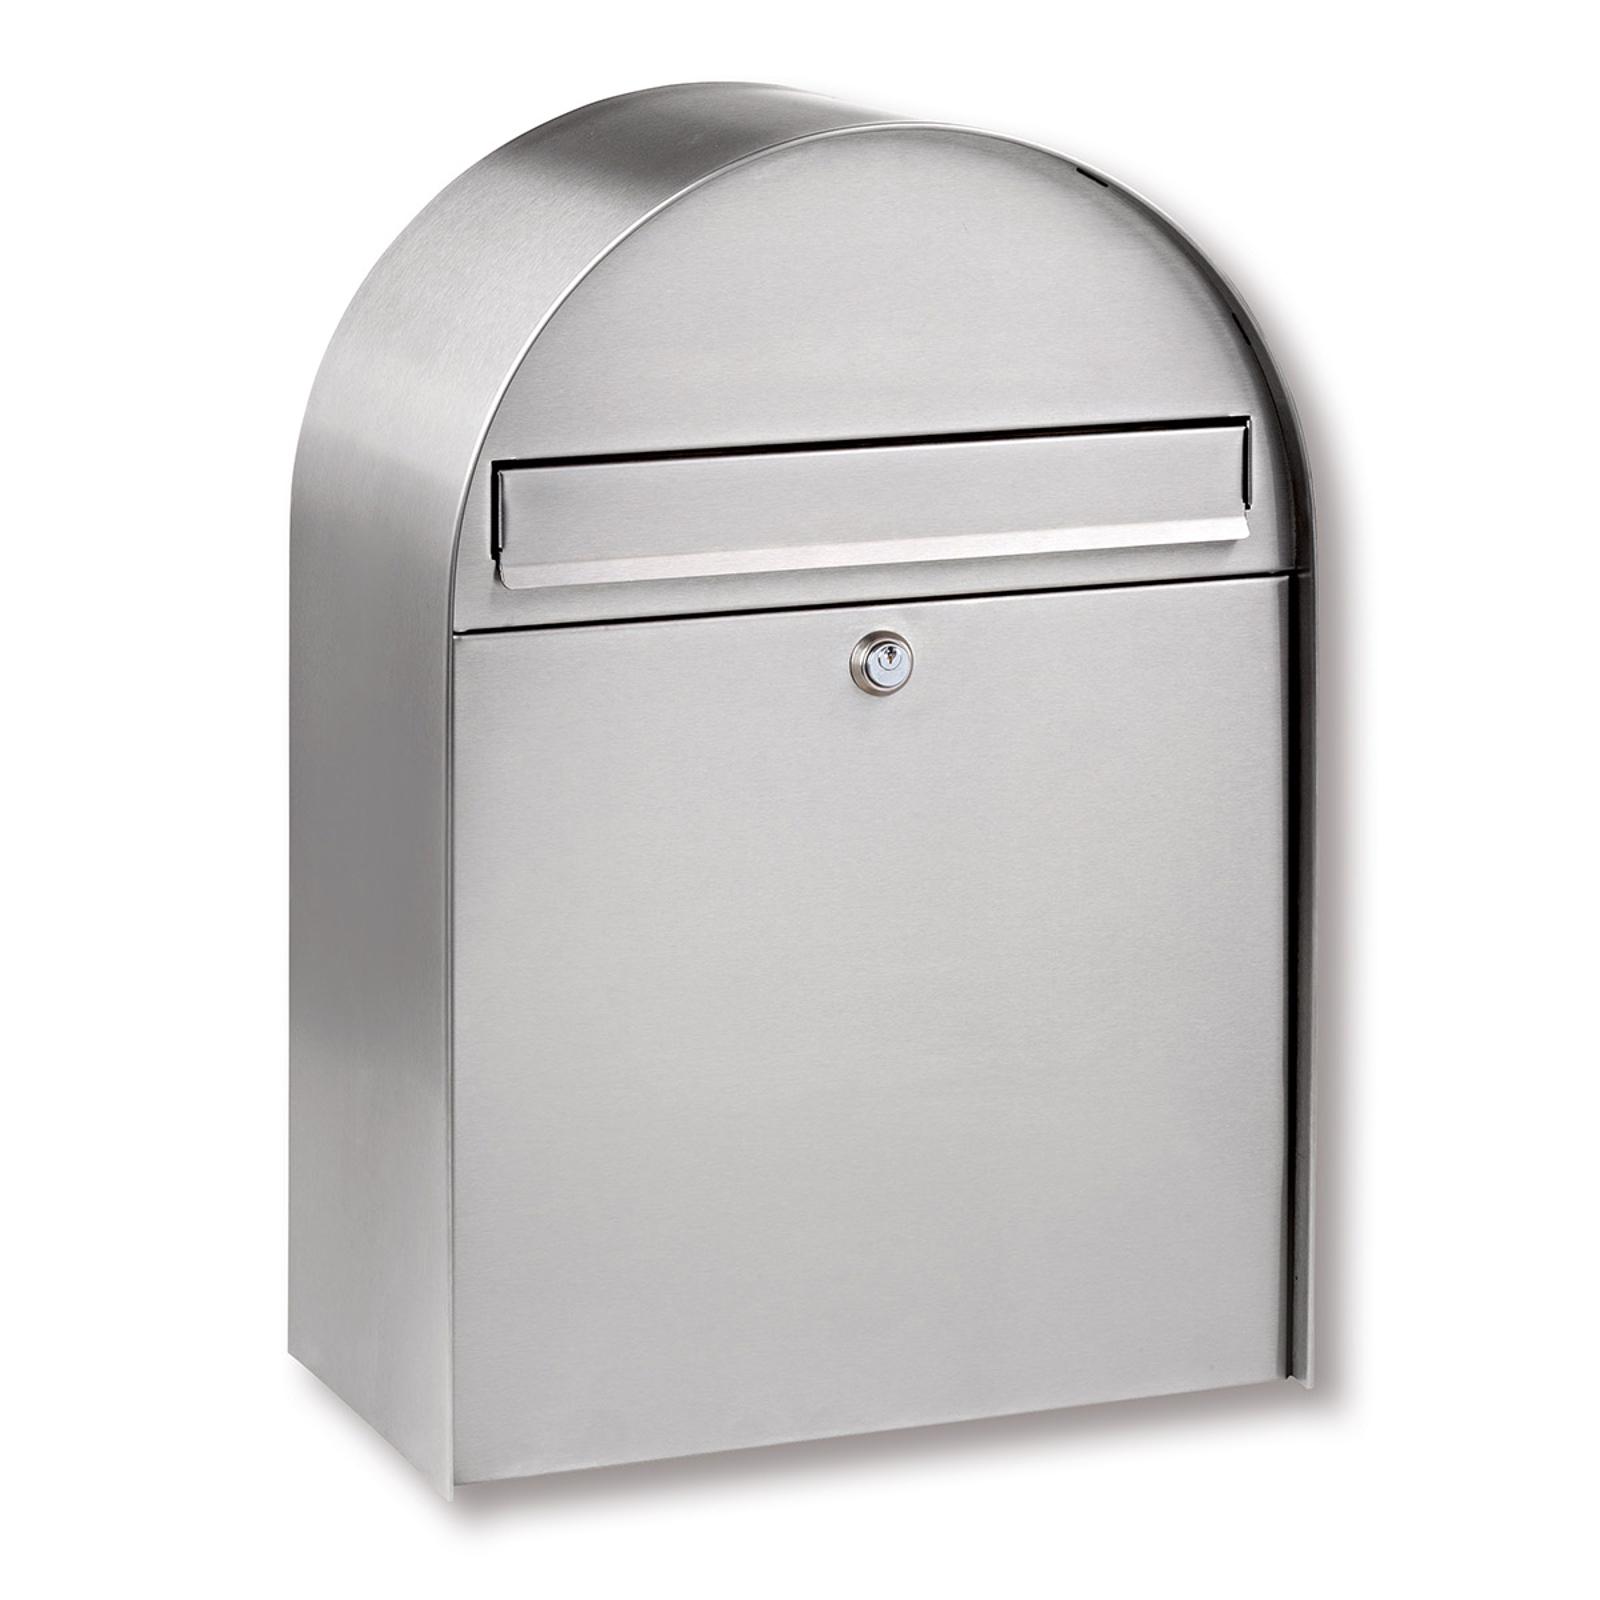 Iso postilaatikko Nordic 3780 Ni ruostumaton teräs